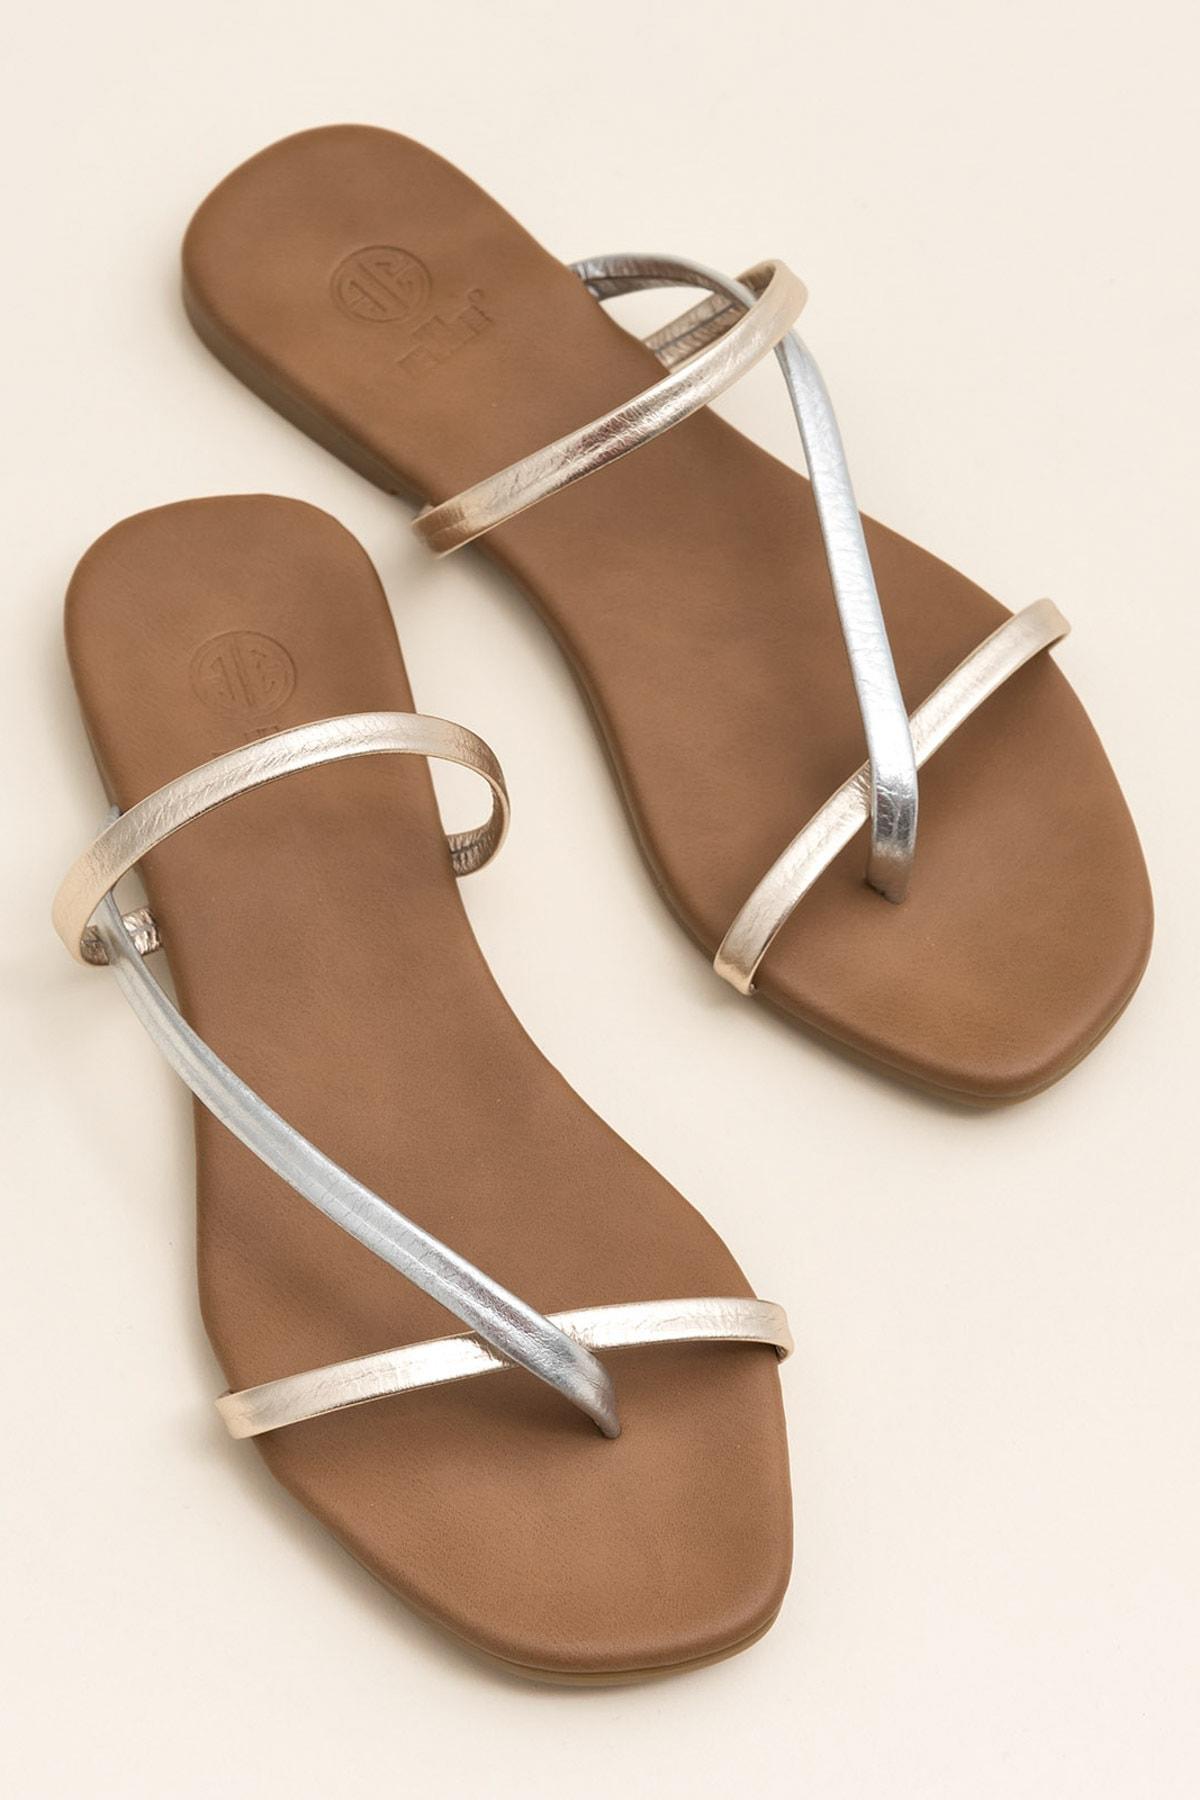 Elle Shoes KELLEY Metalık Multi Kadın  20YLT476004 1